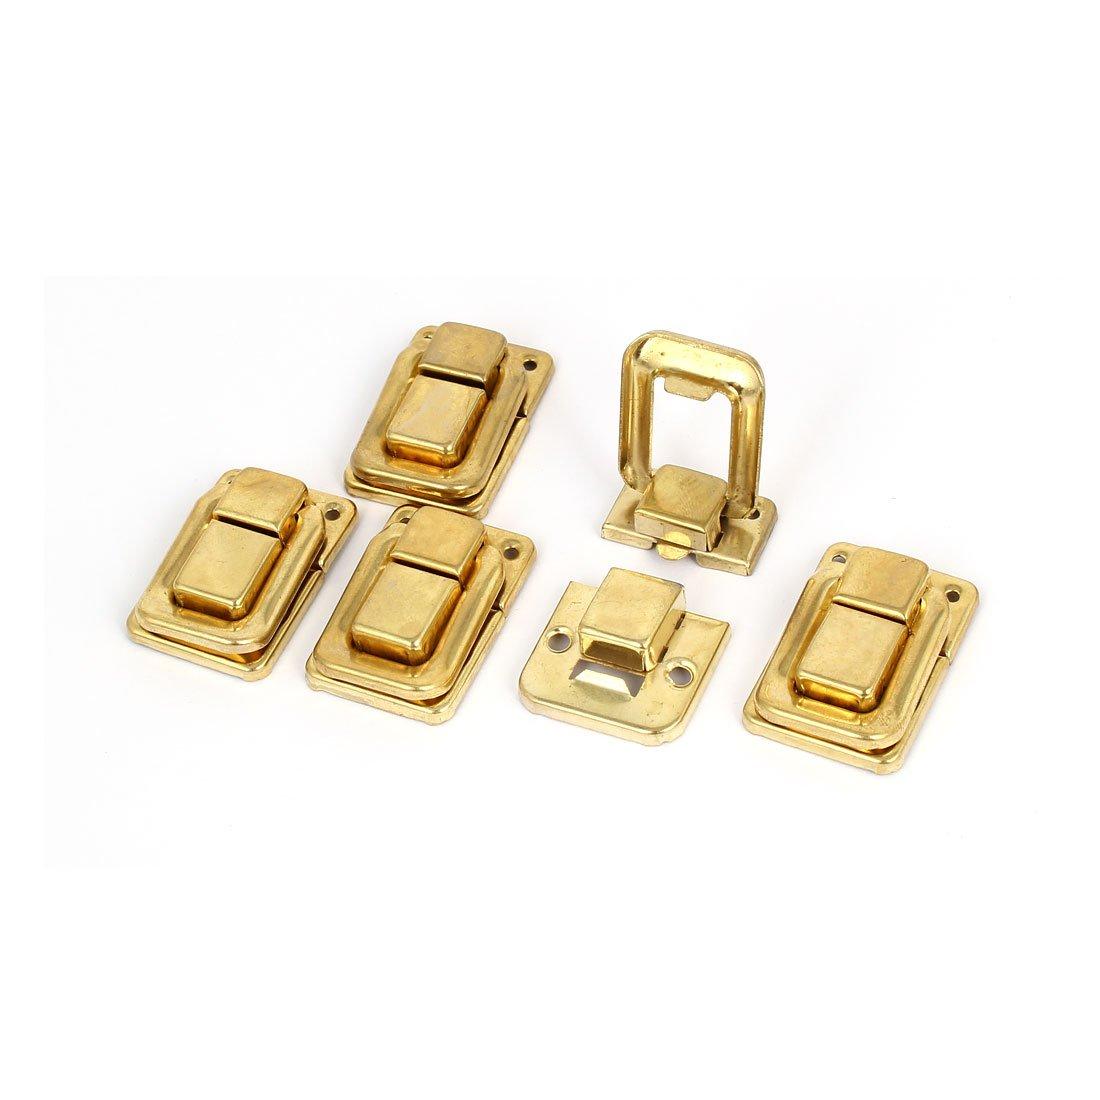 sourcingmap® Bolsas caja de madera caja de hierro Palanca Pestillo bloqueo El cerrojo de bloqueo de oro color brillante Longitud 5pcs tono 38mm a16080900ux0431